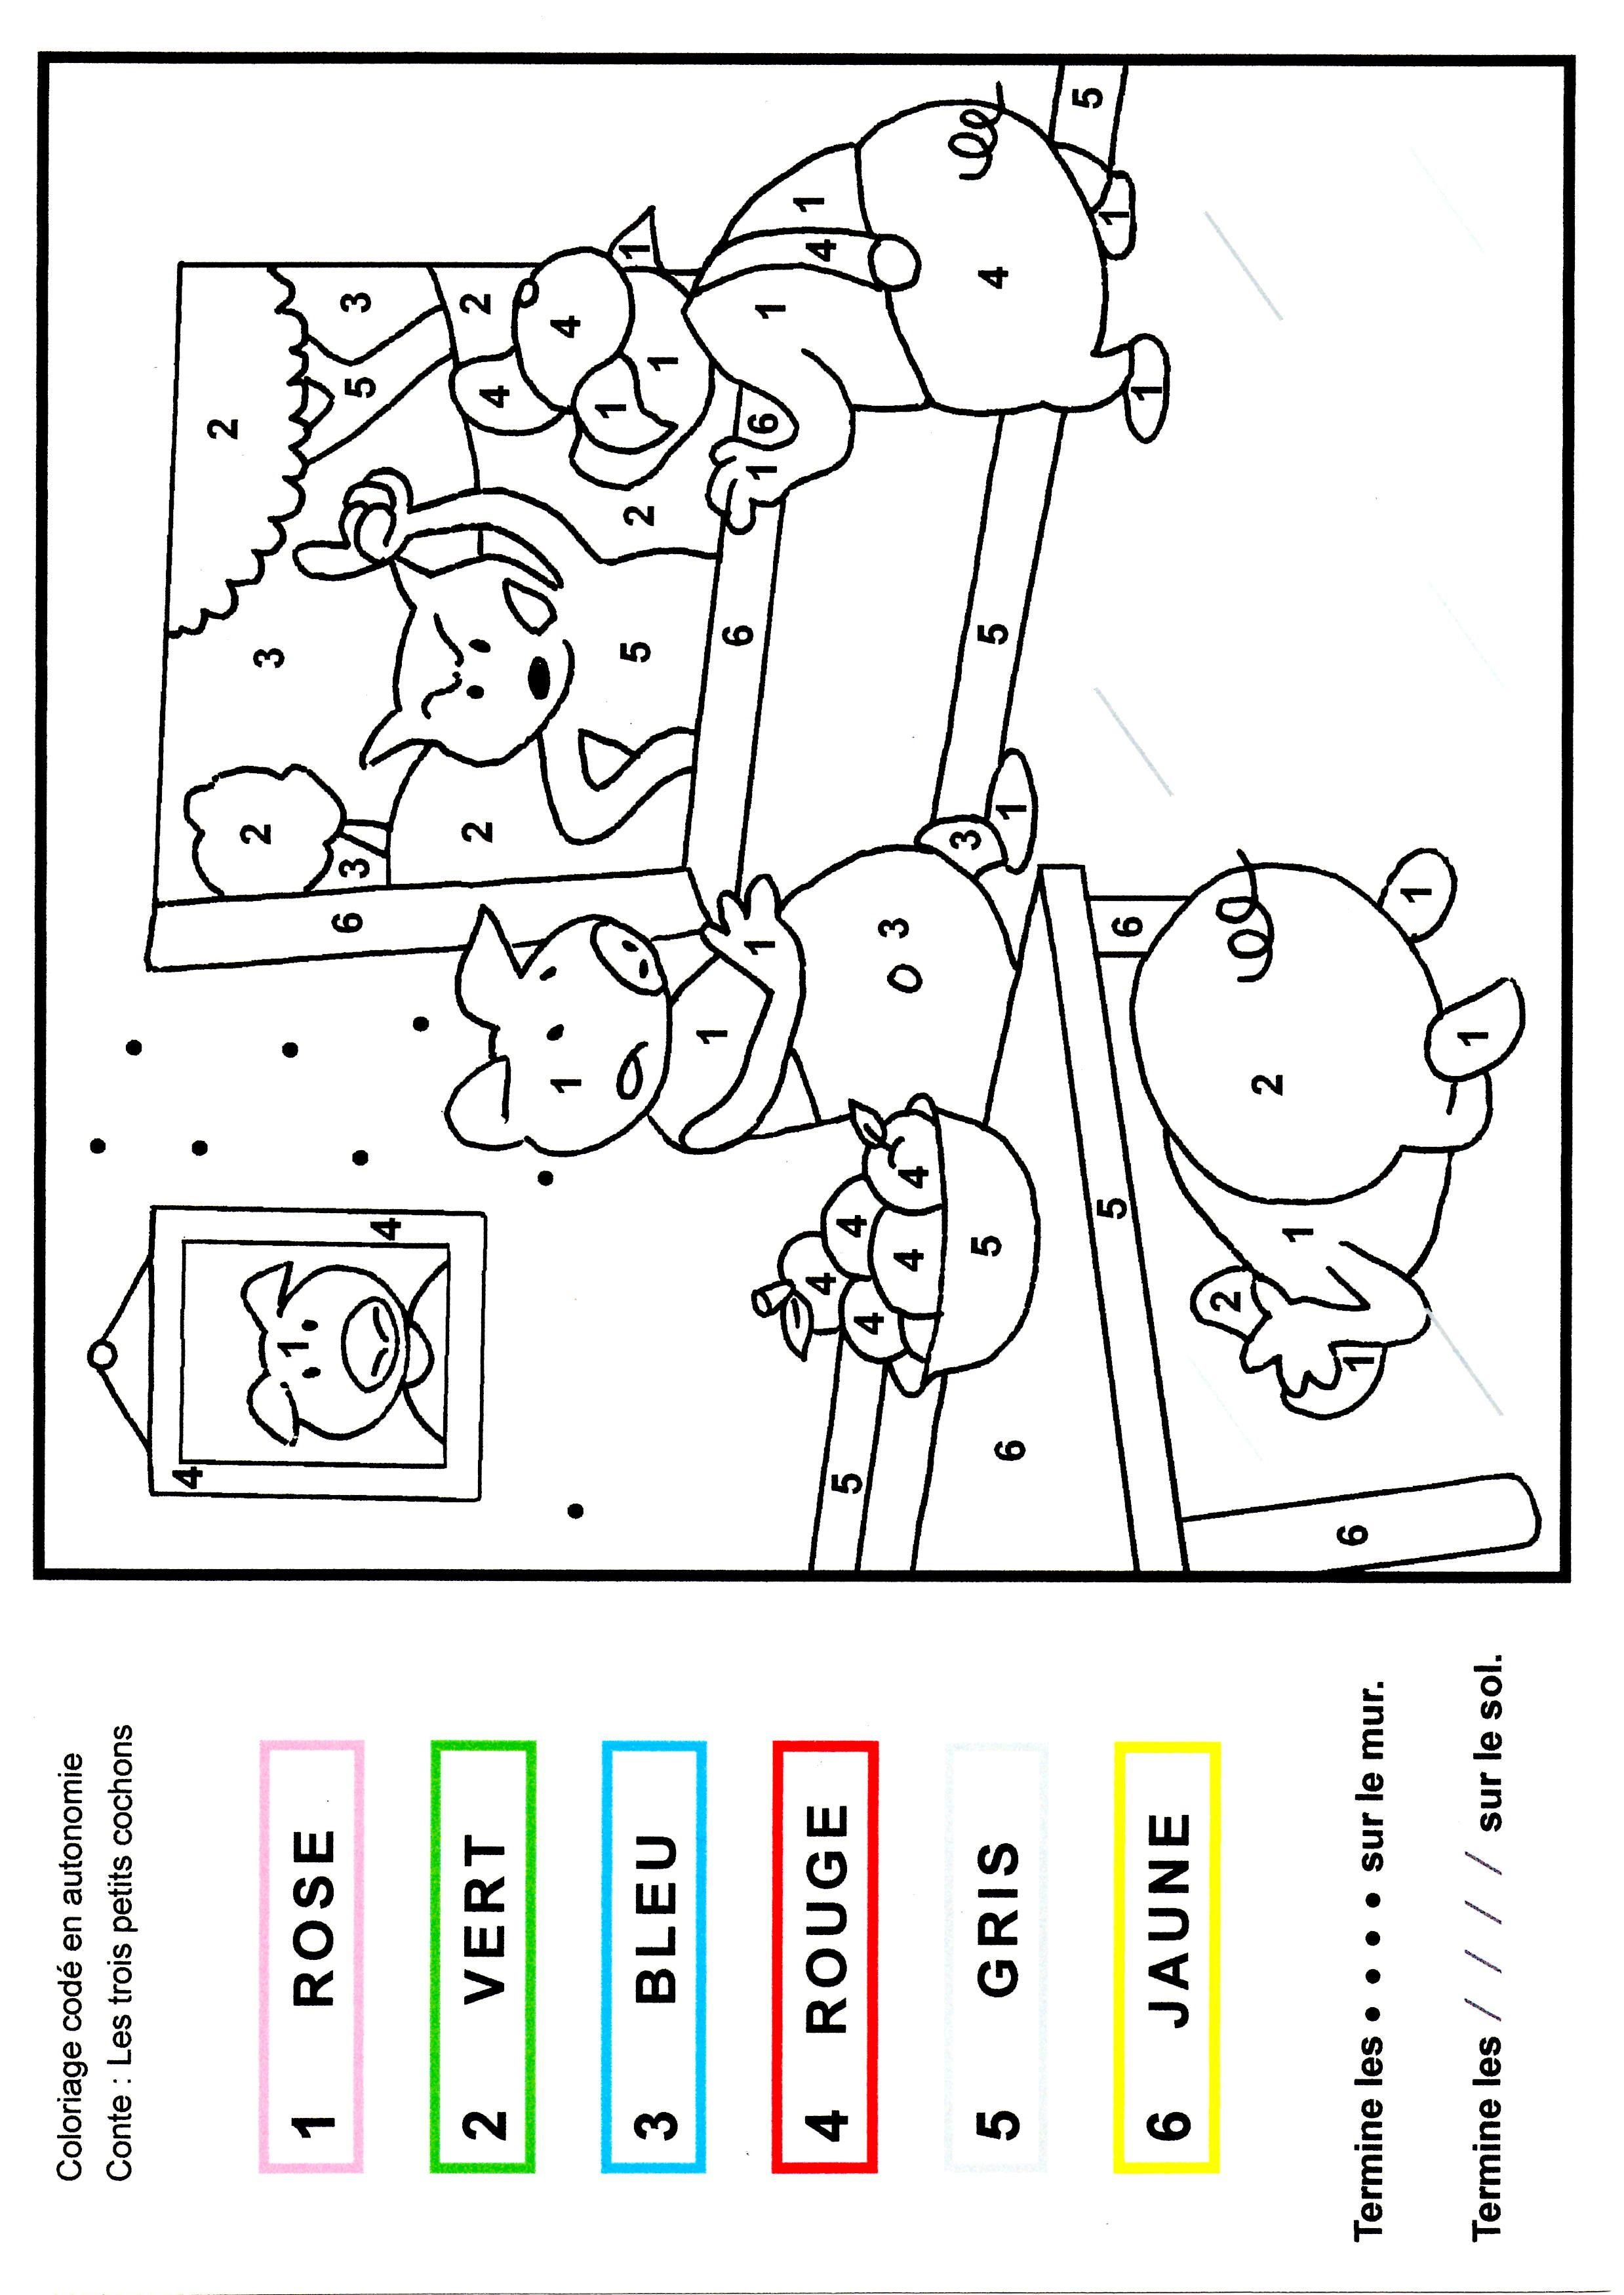 Les 3 Petits Cochons Maternelle